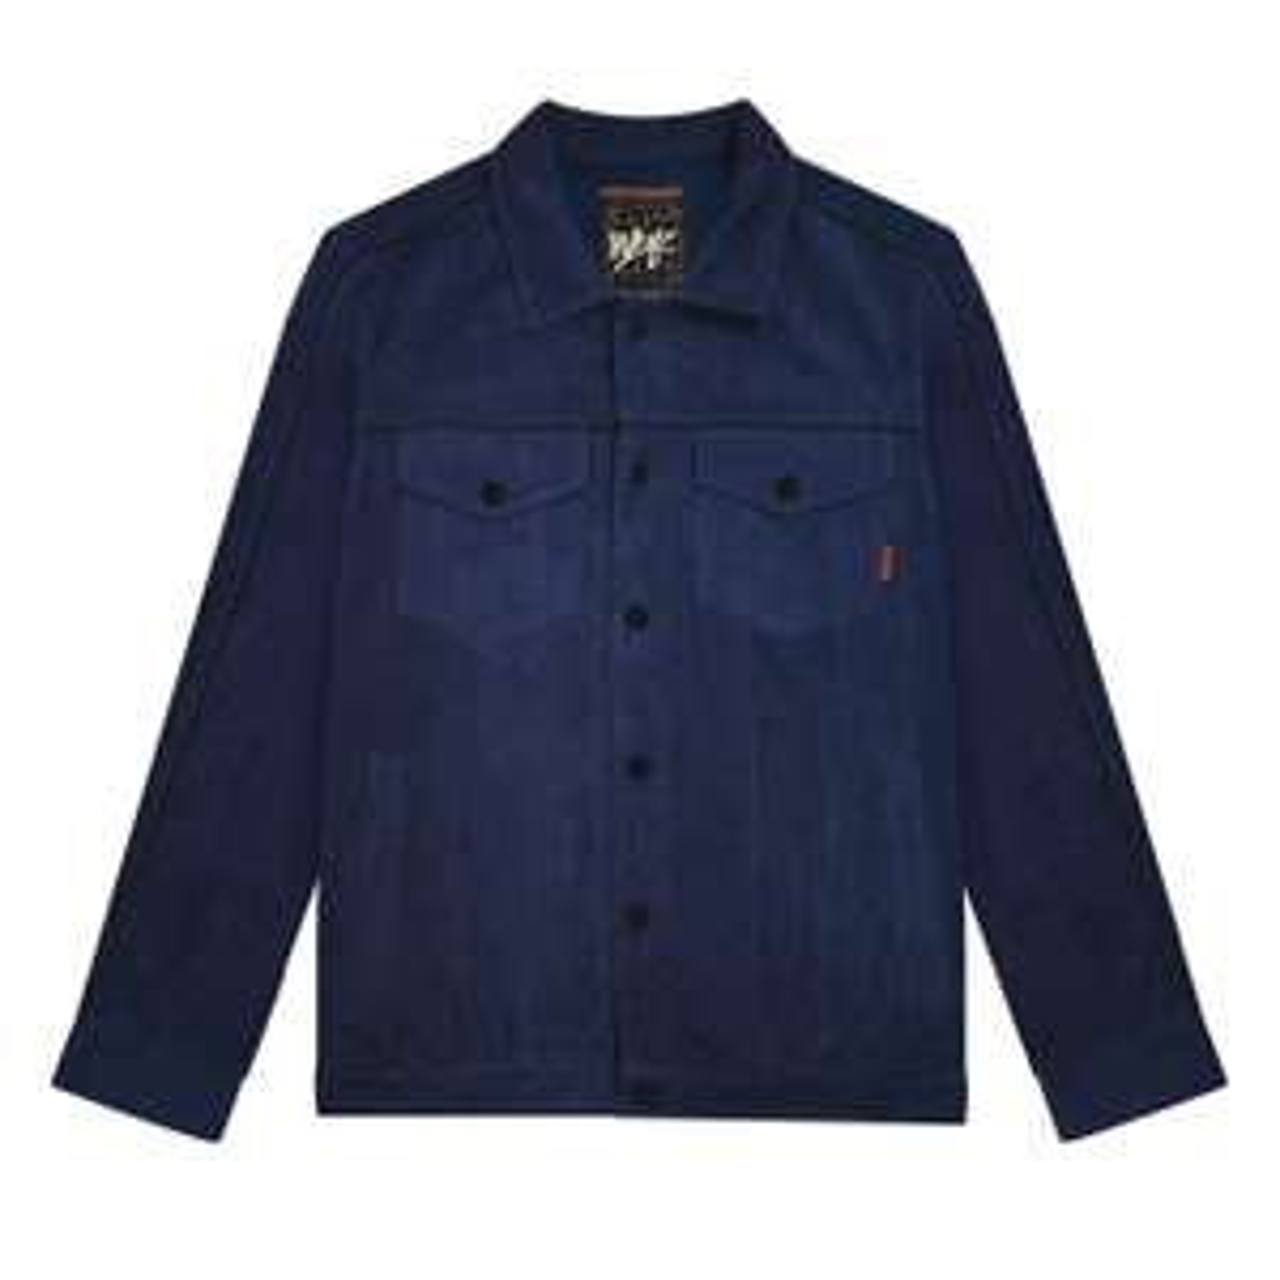 Veste Jacket Corduroy / Velours côtelé Weyz Navy (weyzclothing.fr)